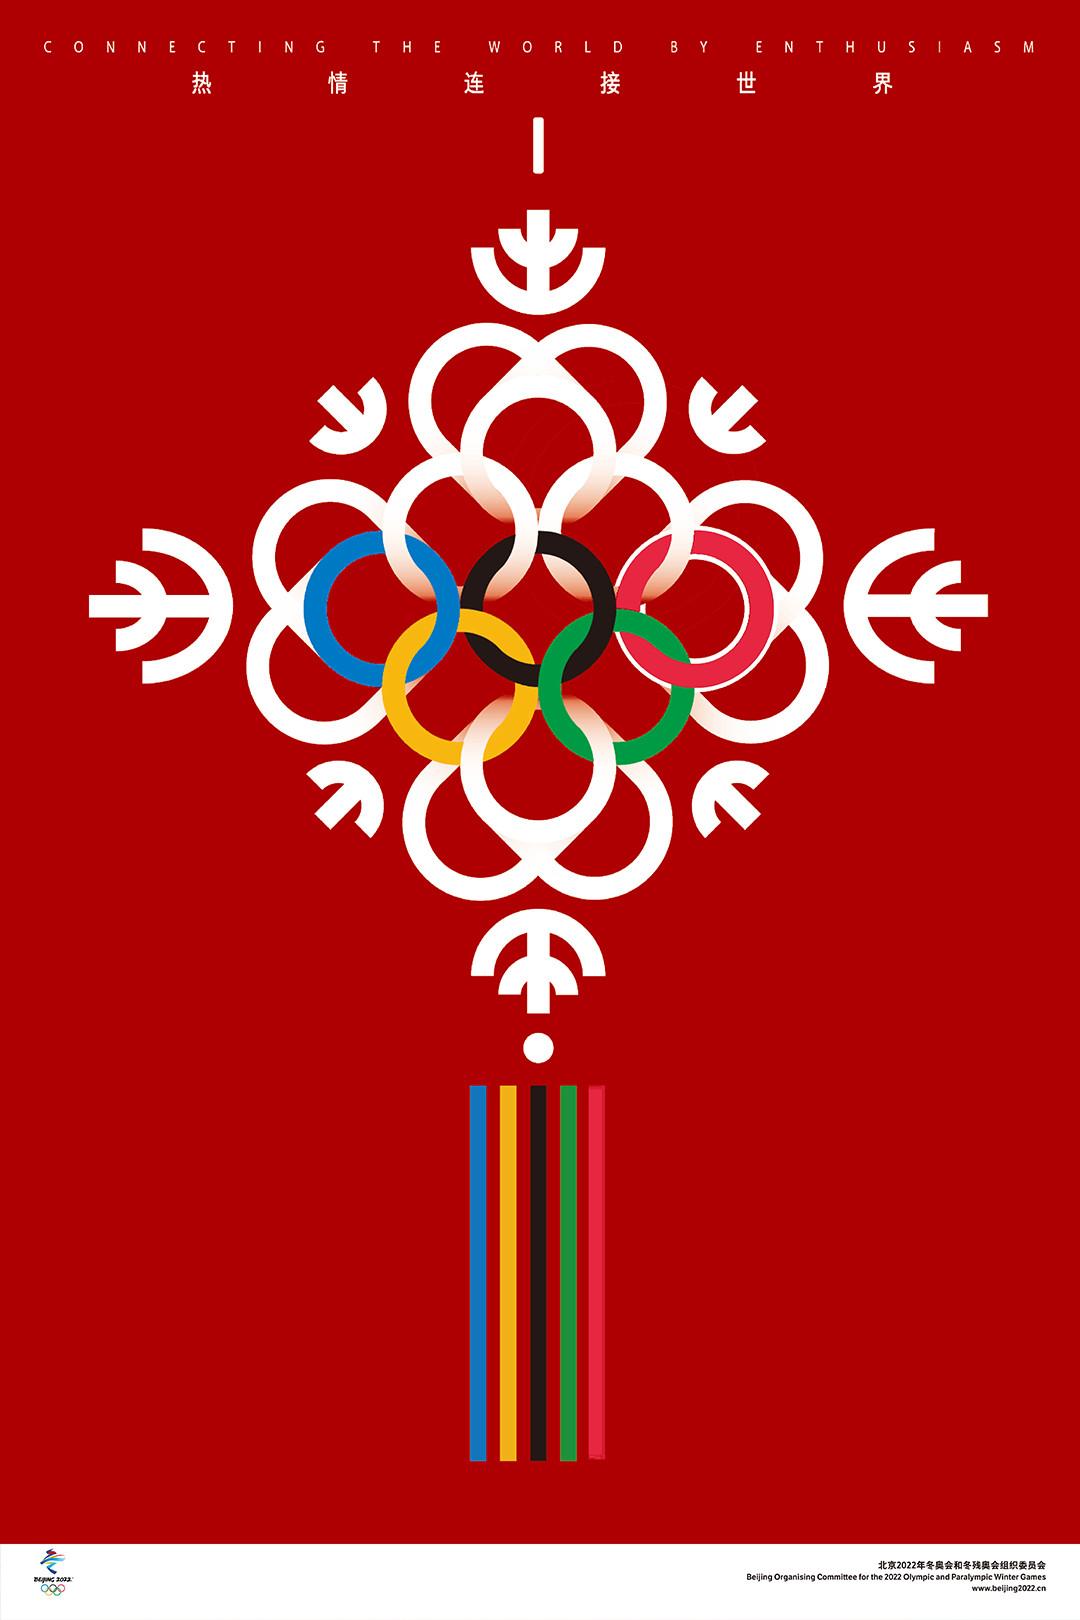 作品名:《熱情連接世界》作者:張素筠 (來自:北京冬奧組委官網)